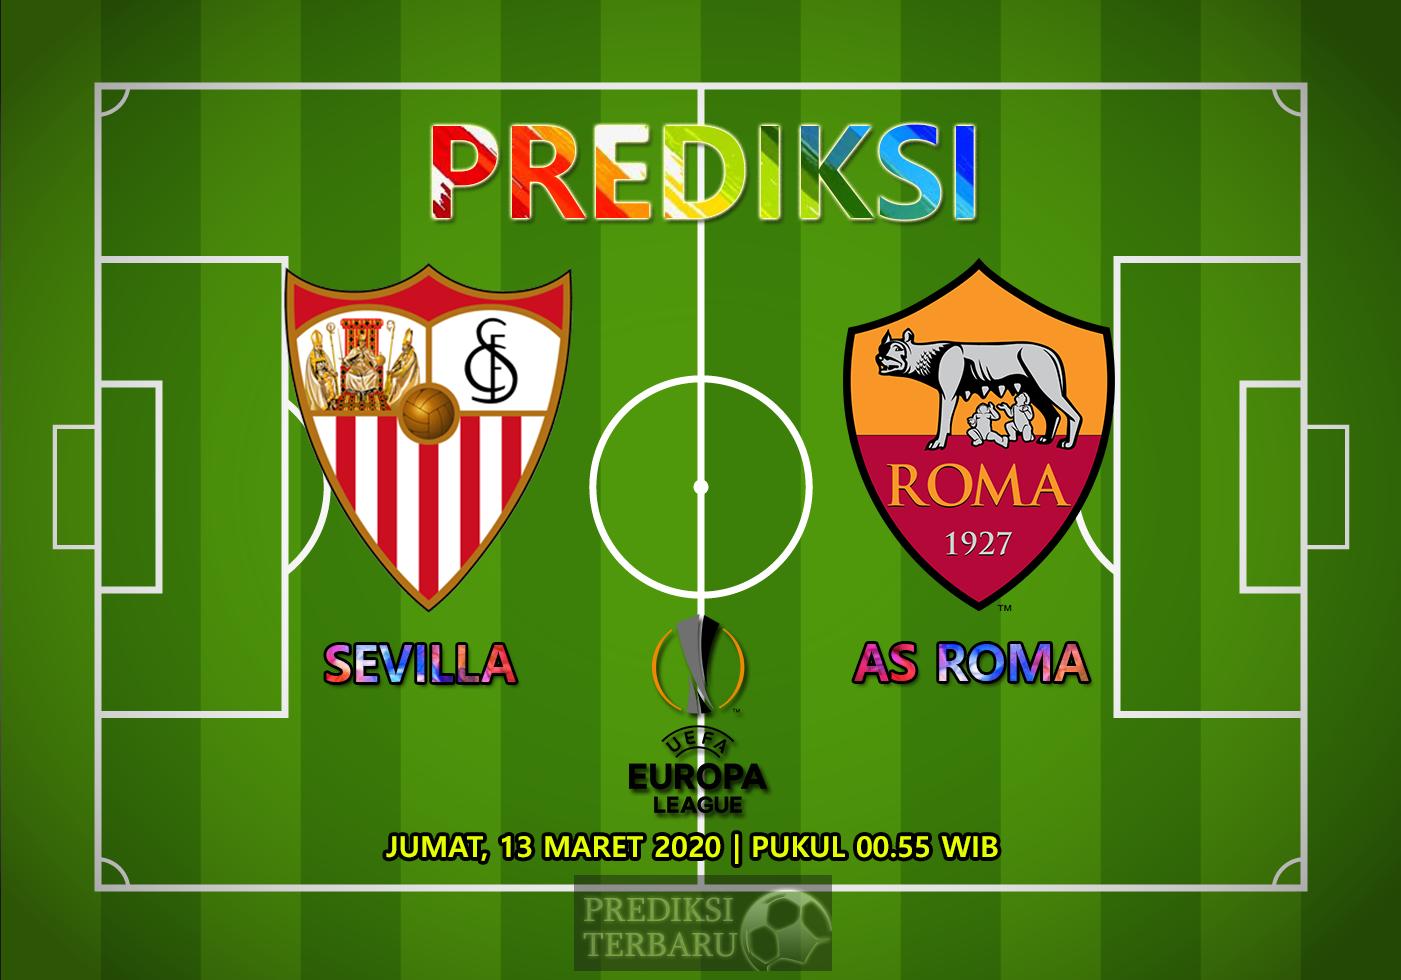 Prediksi Sevilla Vs Roma Jumat 13 Maret